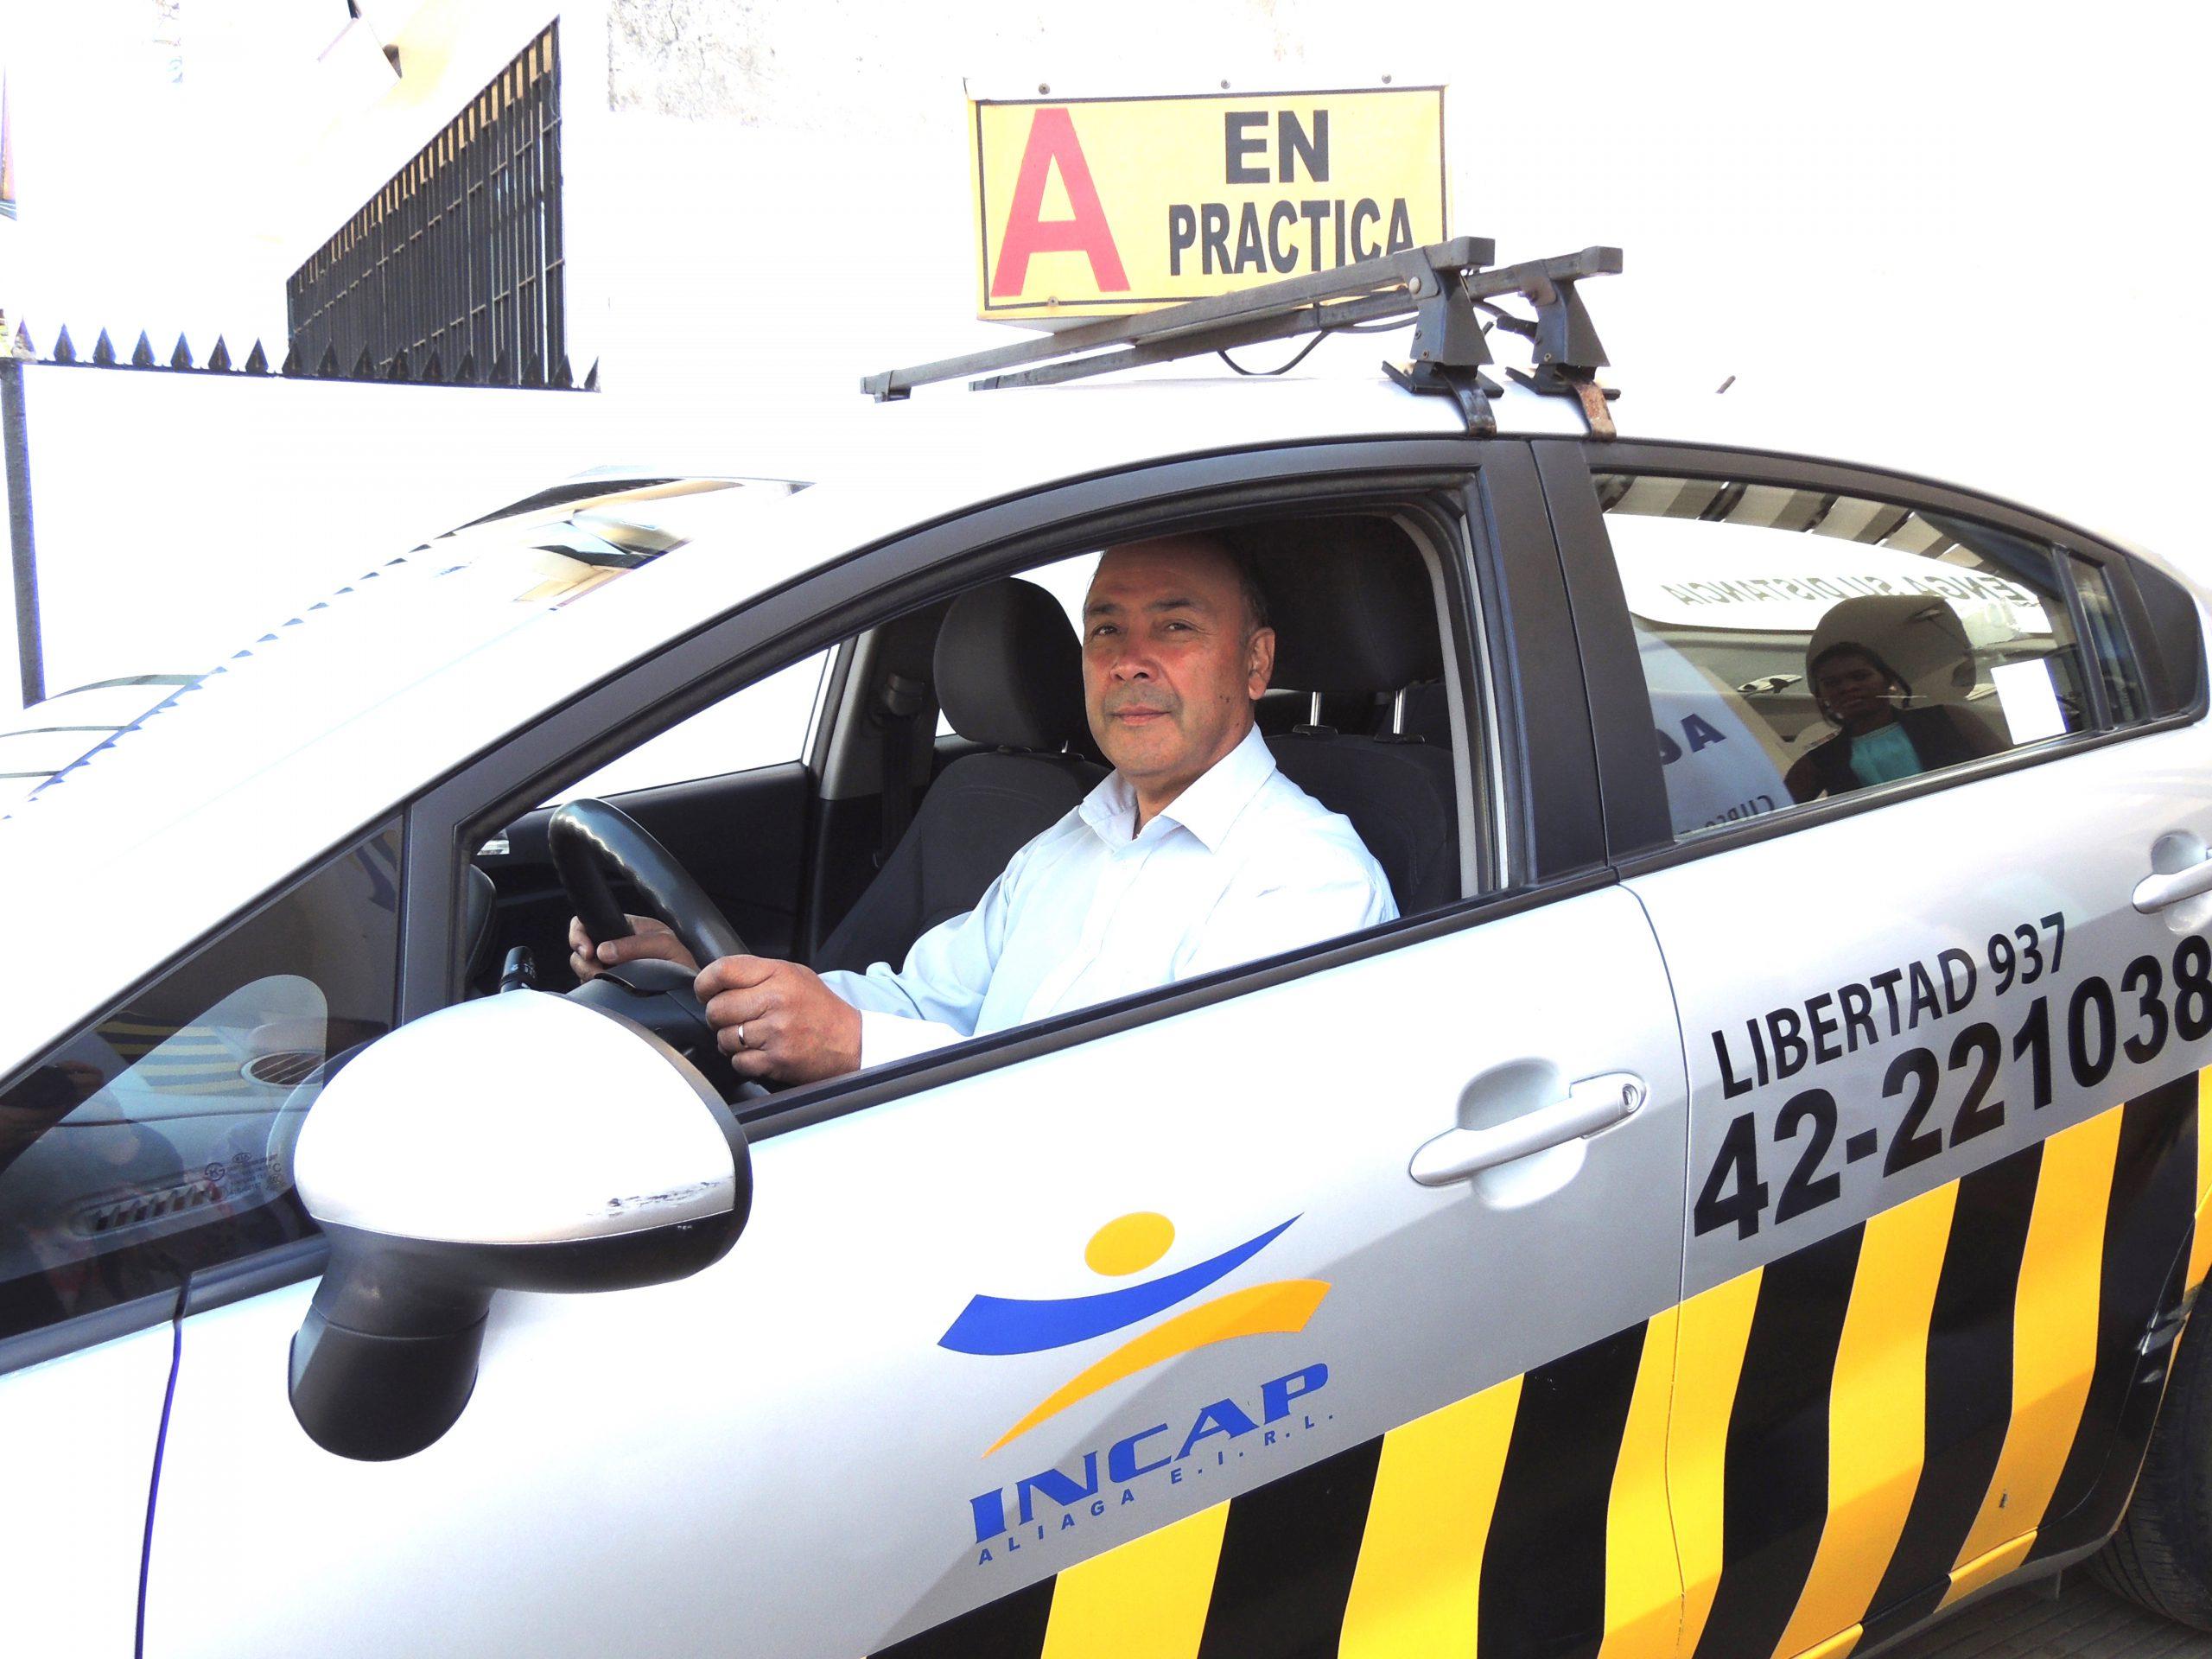 RICARDO BAEZA